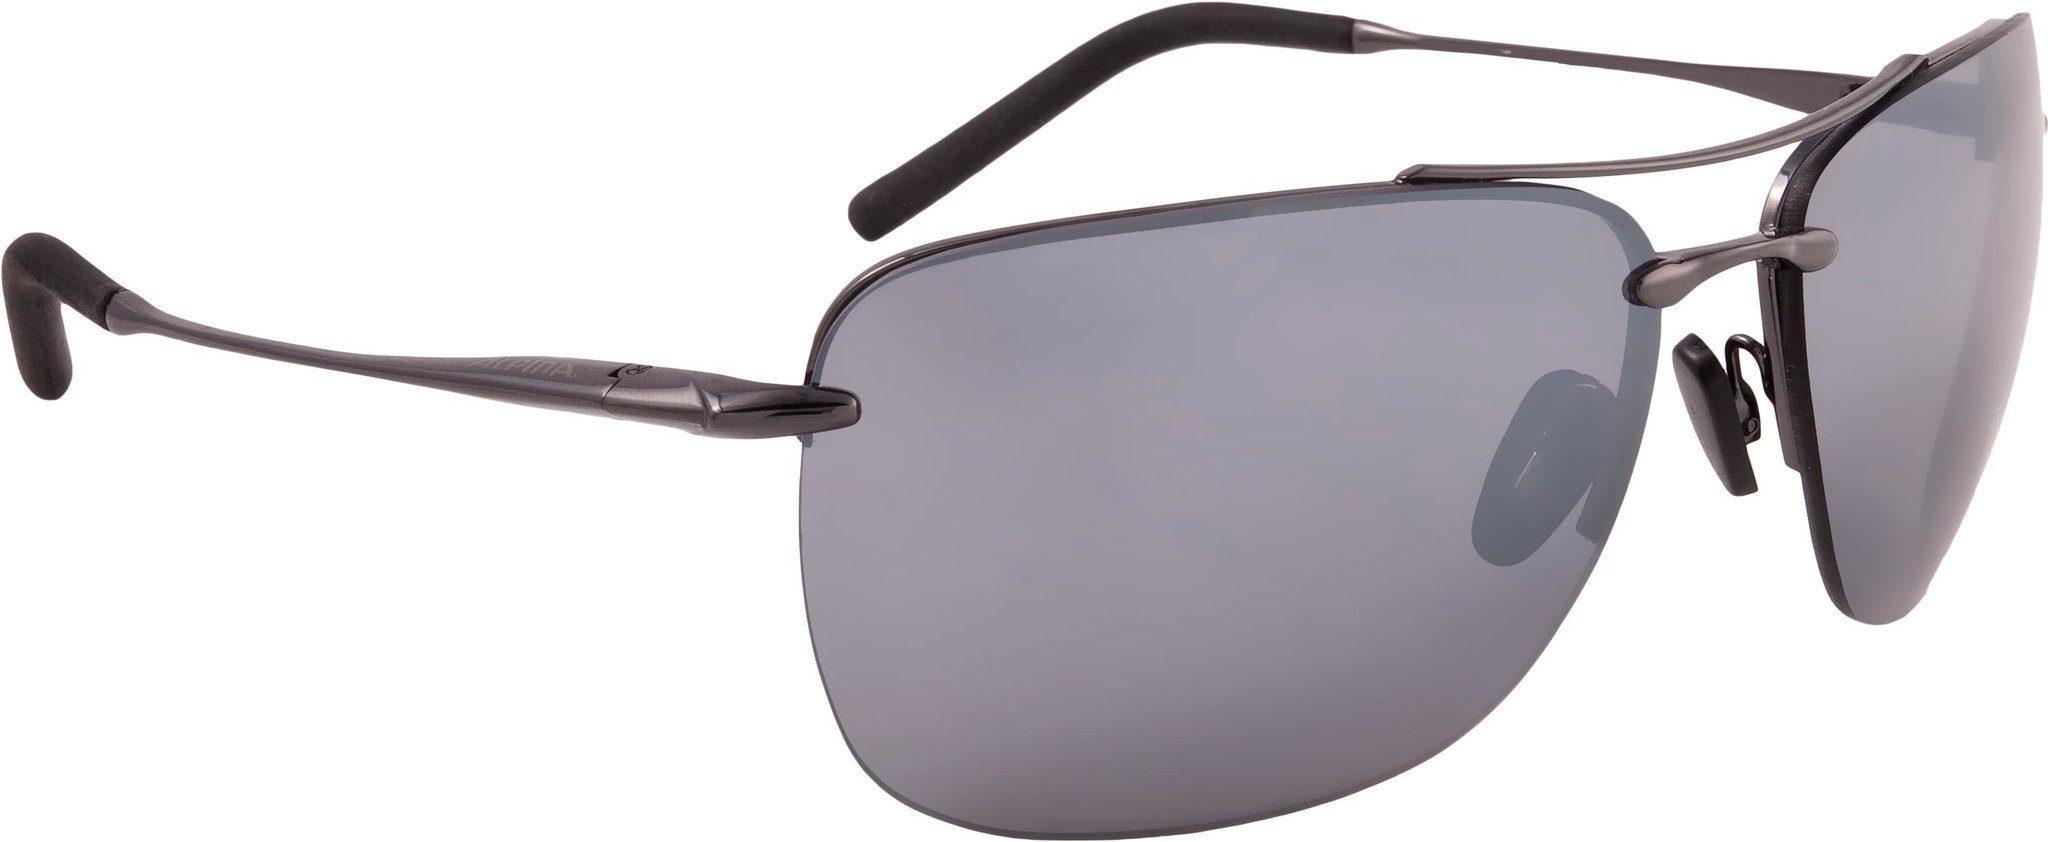 Alpina Sportbrille »Cluu Glasses«